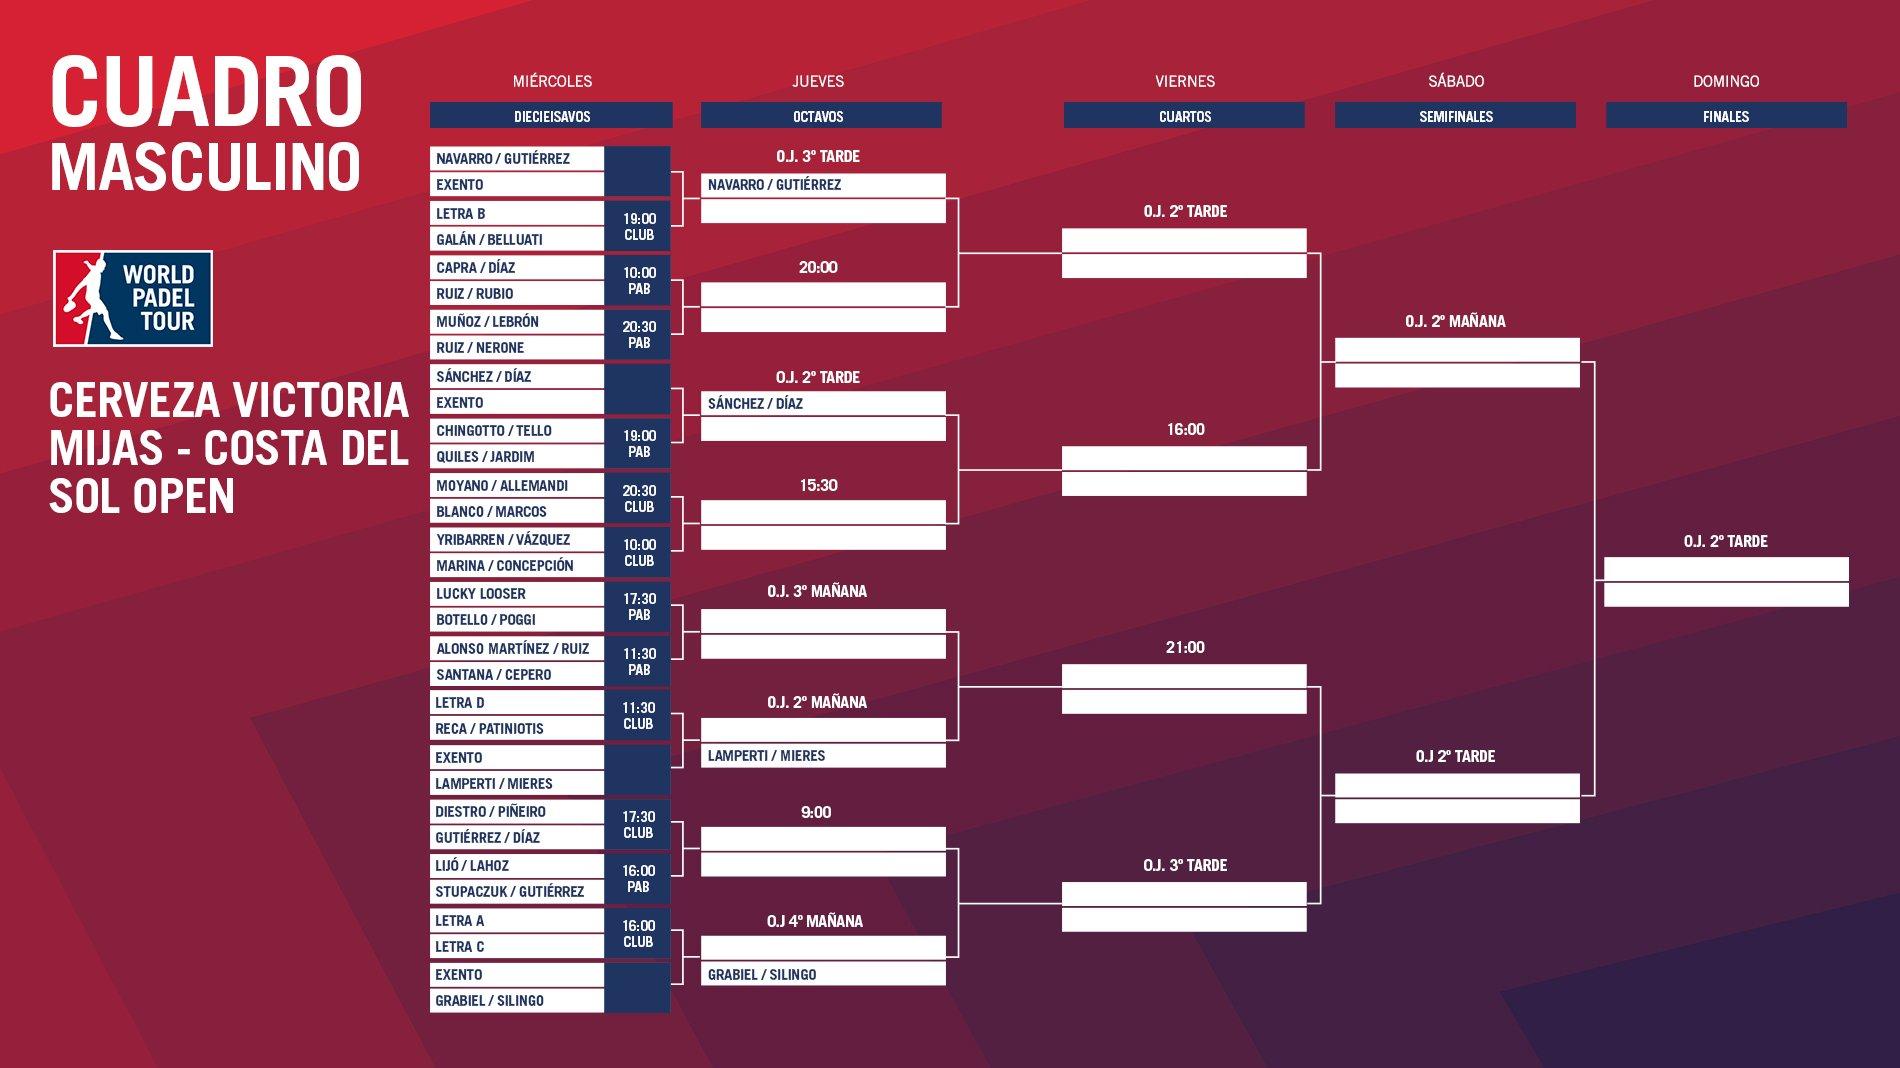 Cuadro-final-Cerveza-Victoria-Mias-Costa-del-Sol-Open-2017-OK-3